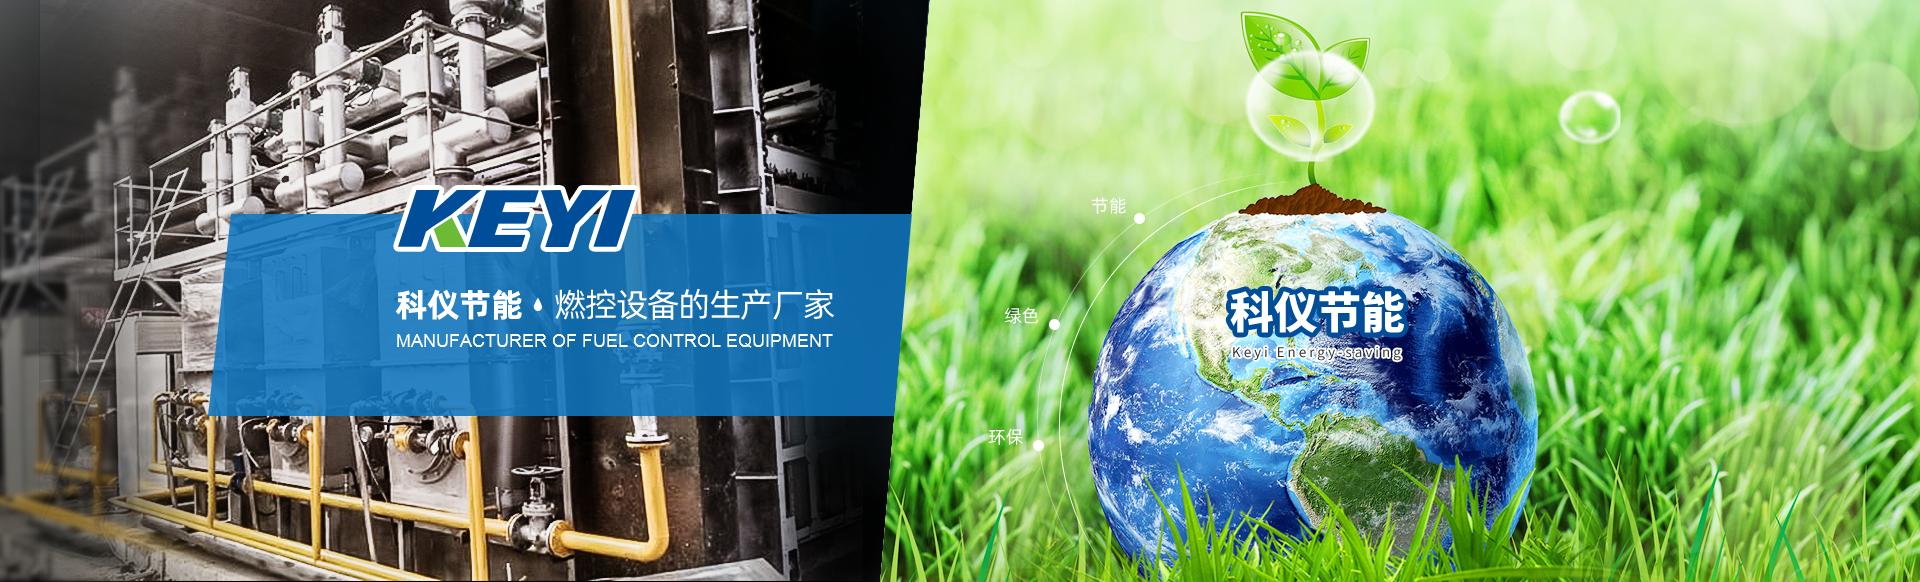 http://www.jienengyaolu.com/data/upload/202002/20200227133326_697.png